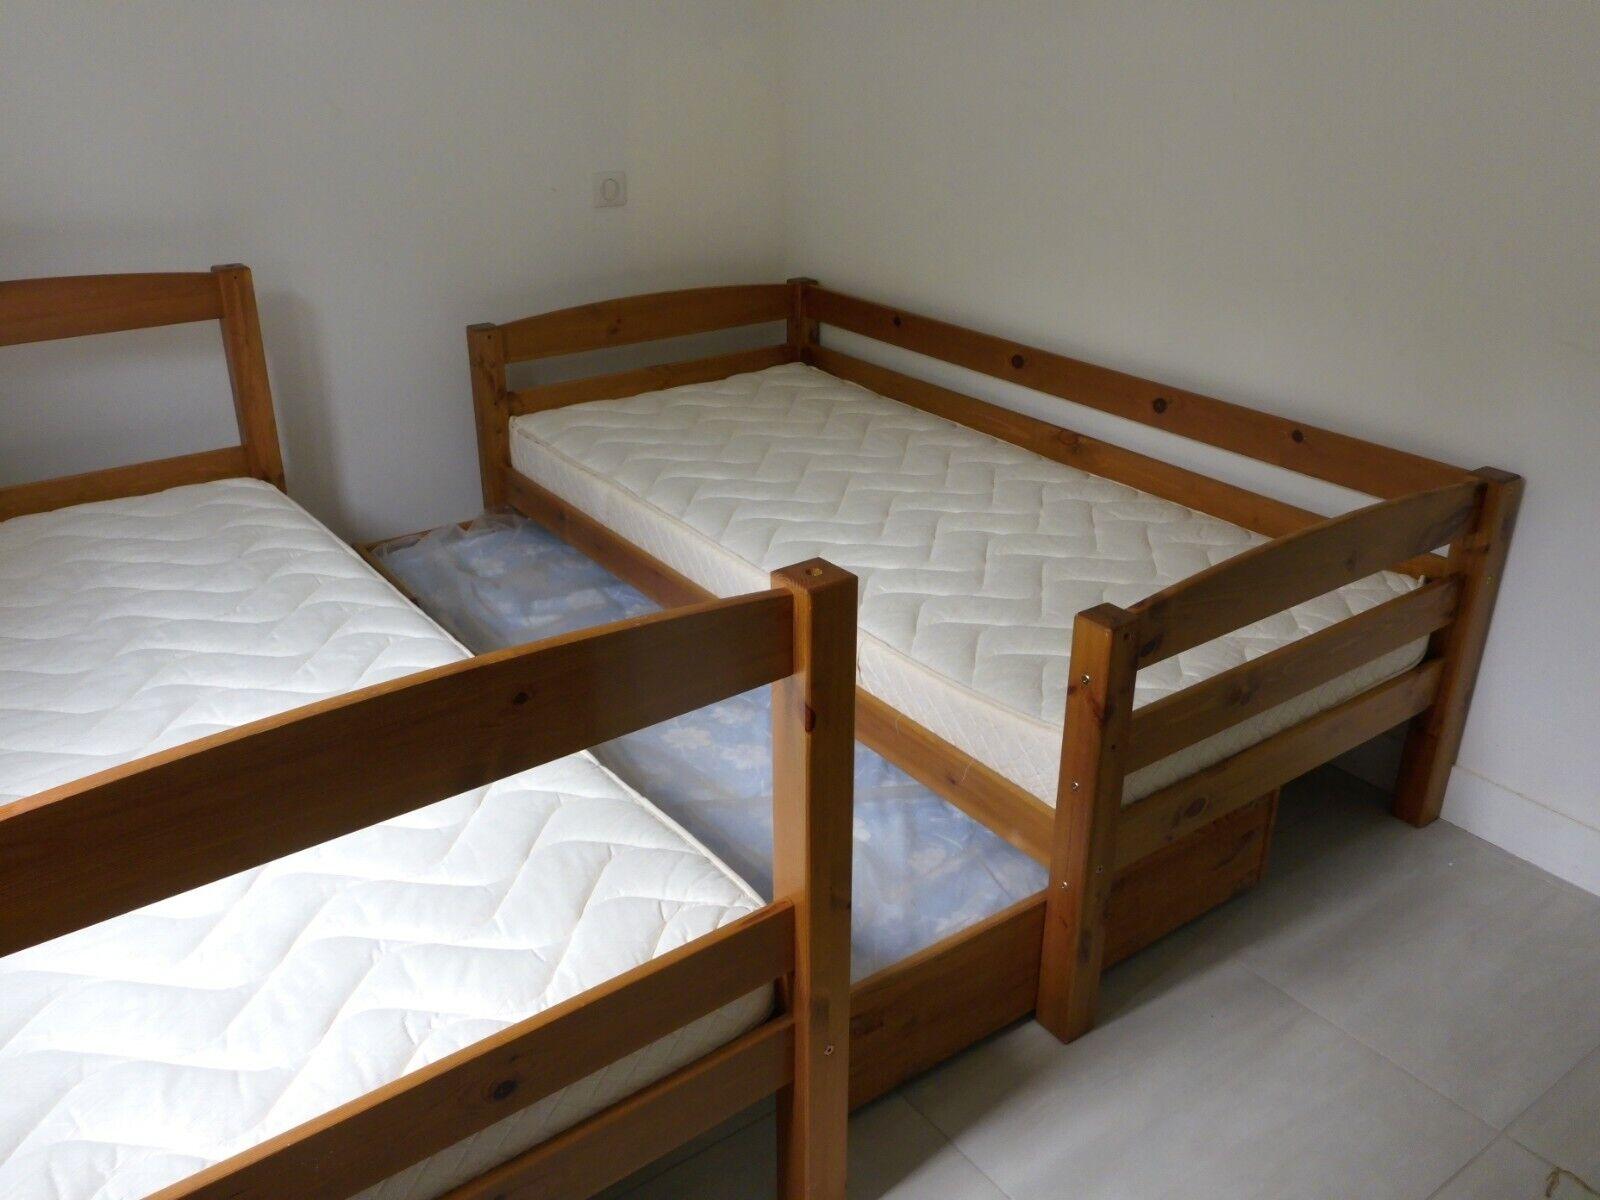 Lits superposes avec lit tiroir pour enfants